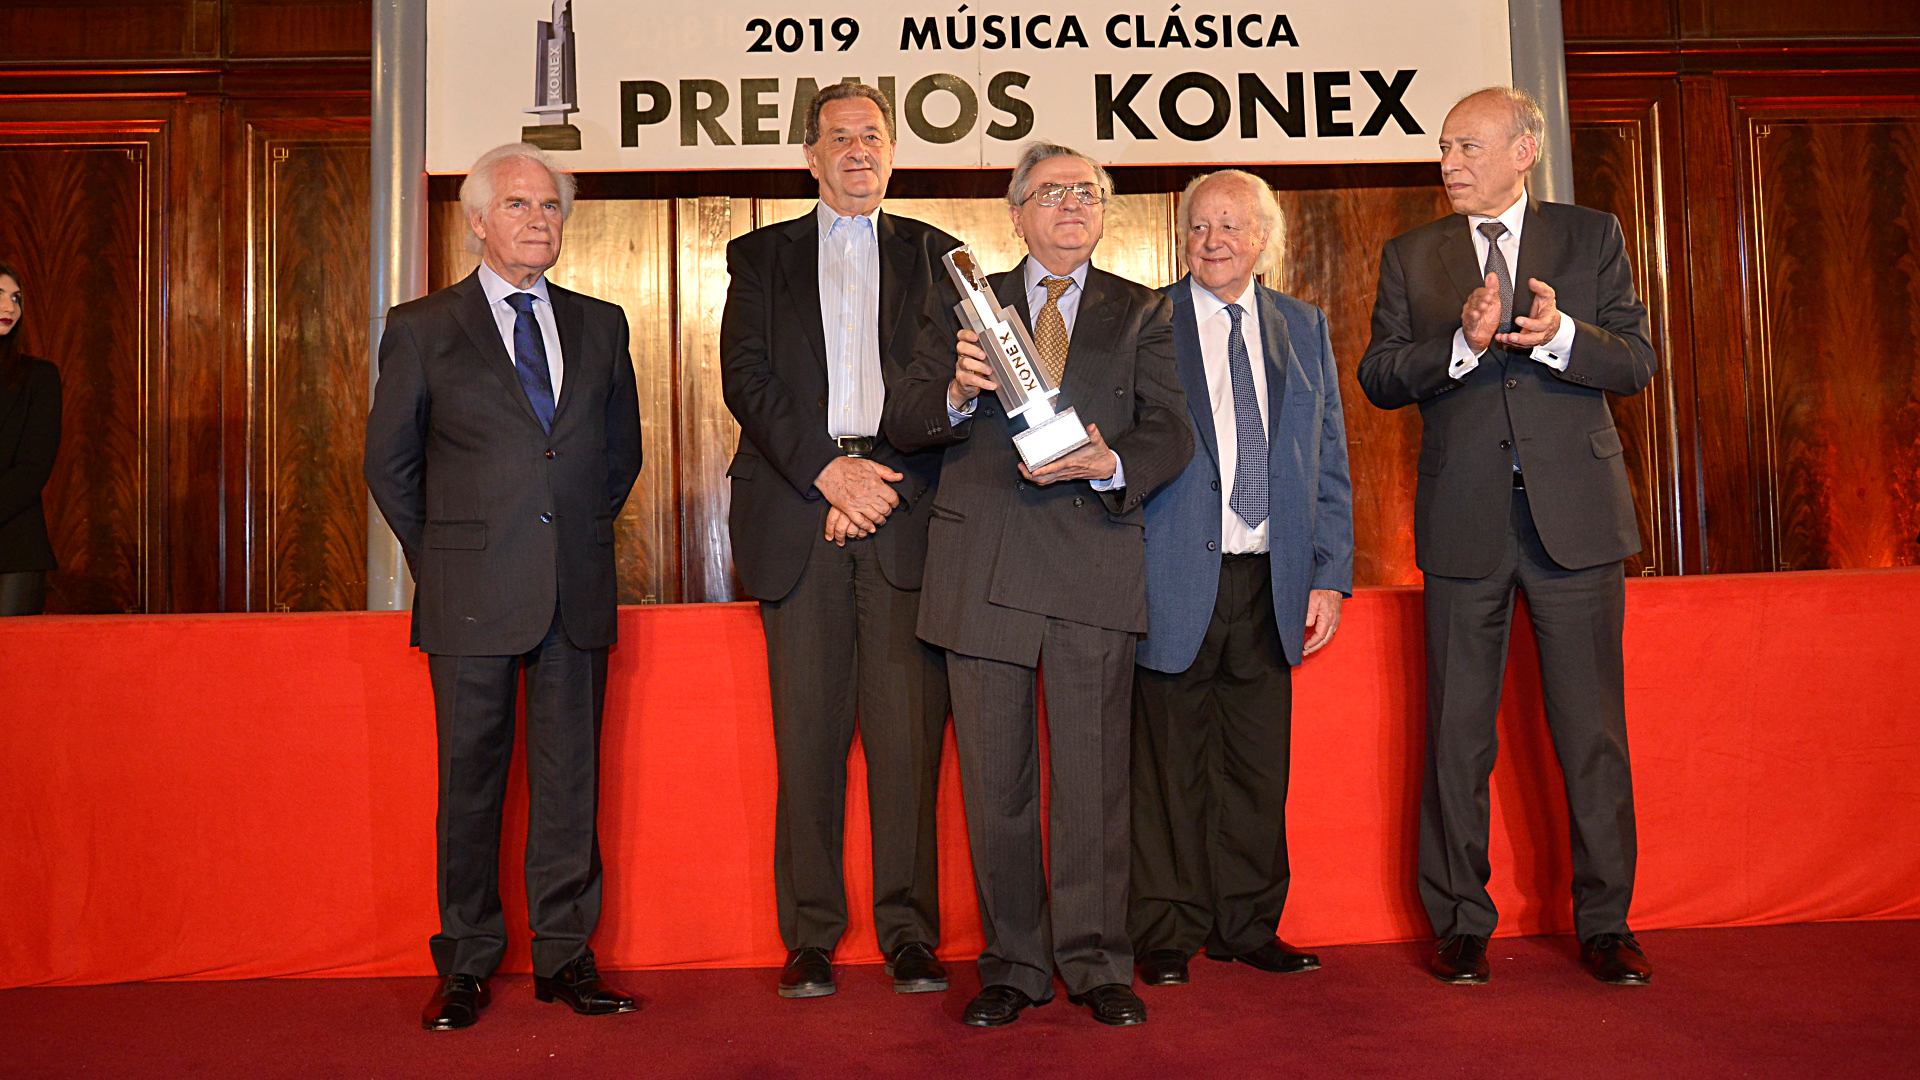 Mención especial por la creación y compromiso con la Orquesta Sinfónica Juvenil Nacional José de San Martín a Mario Benzecry